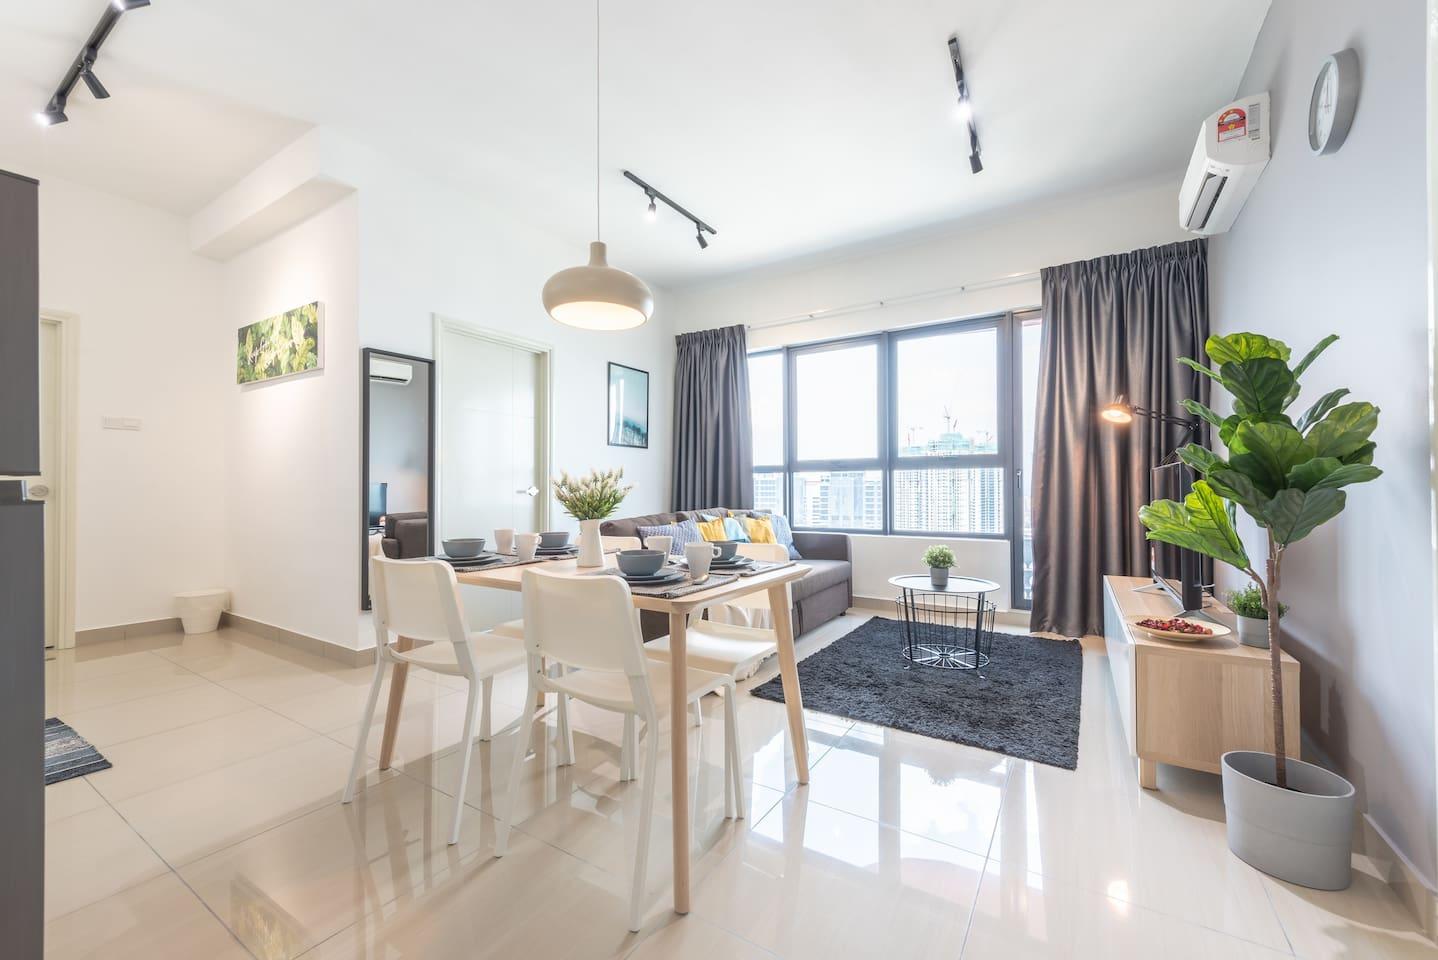 吉隆坡住宿-吉隆坡民宿-吉隆坡高級套房